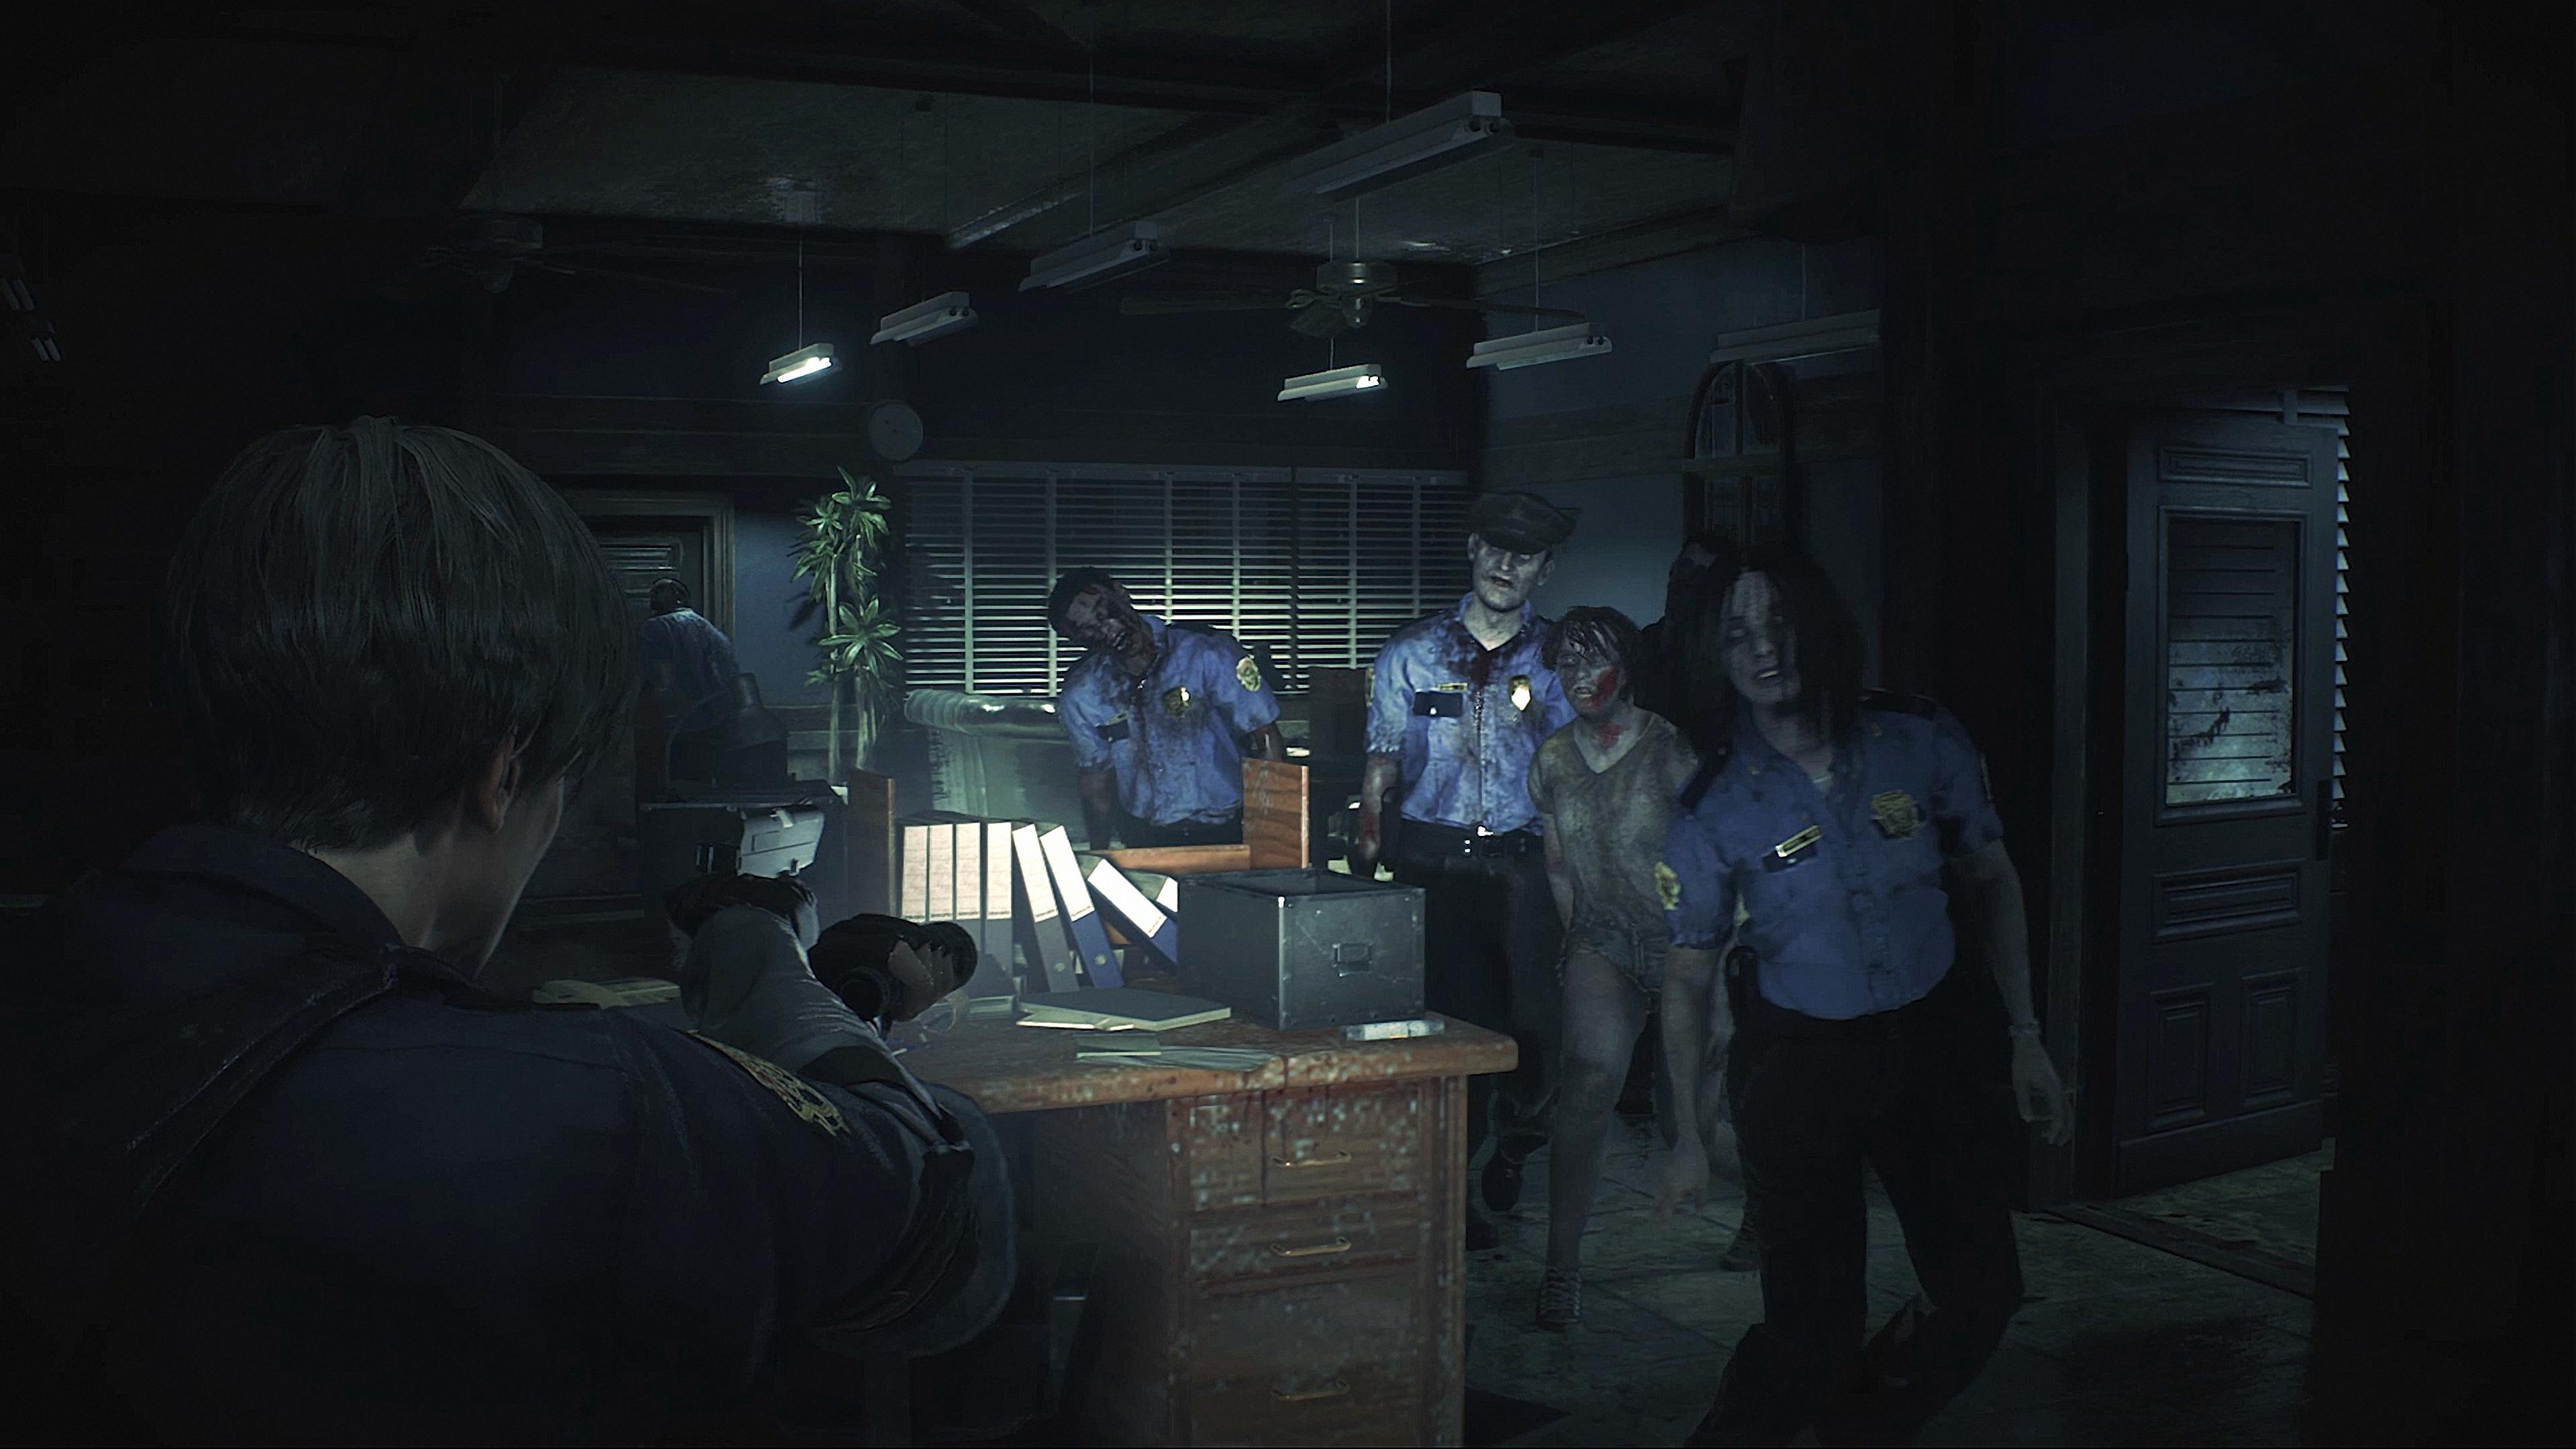 Jogamos! Resident Evil 2 resgata a série com uma proposta assustadora 2